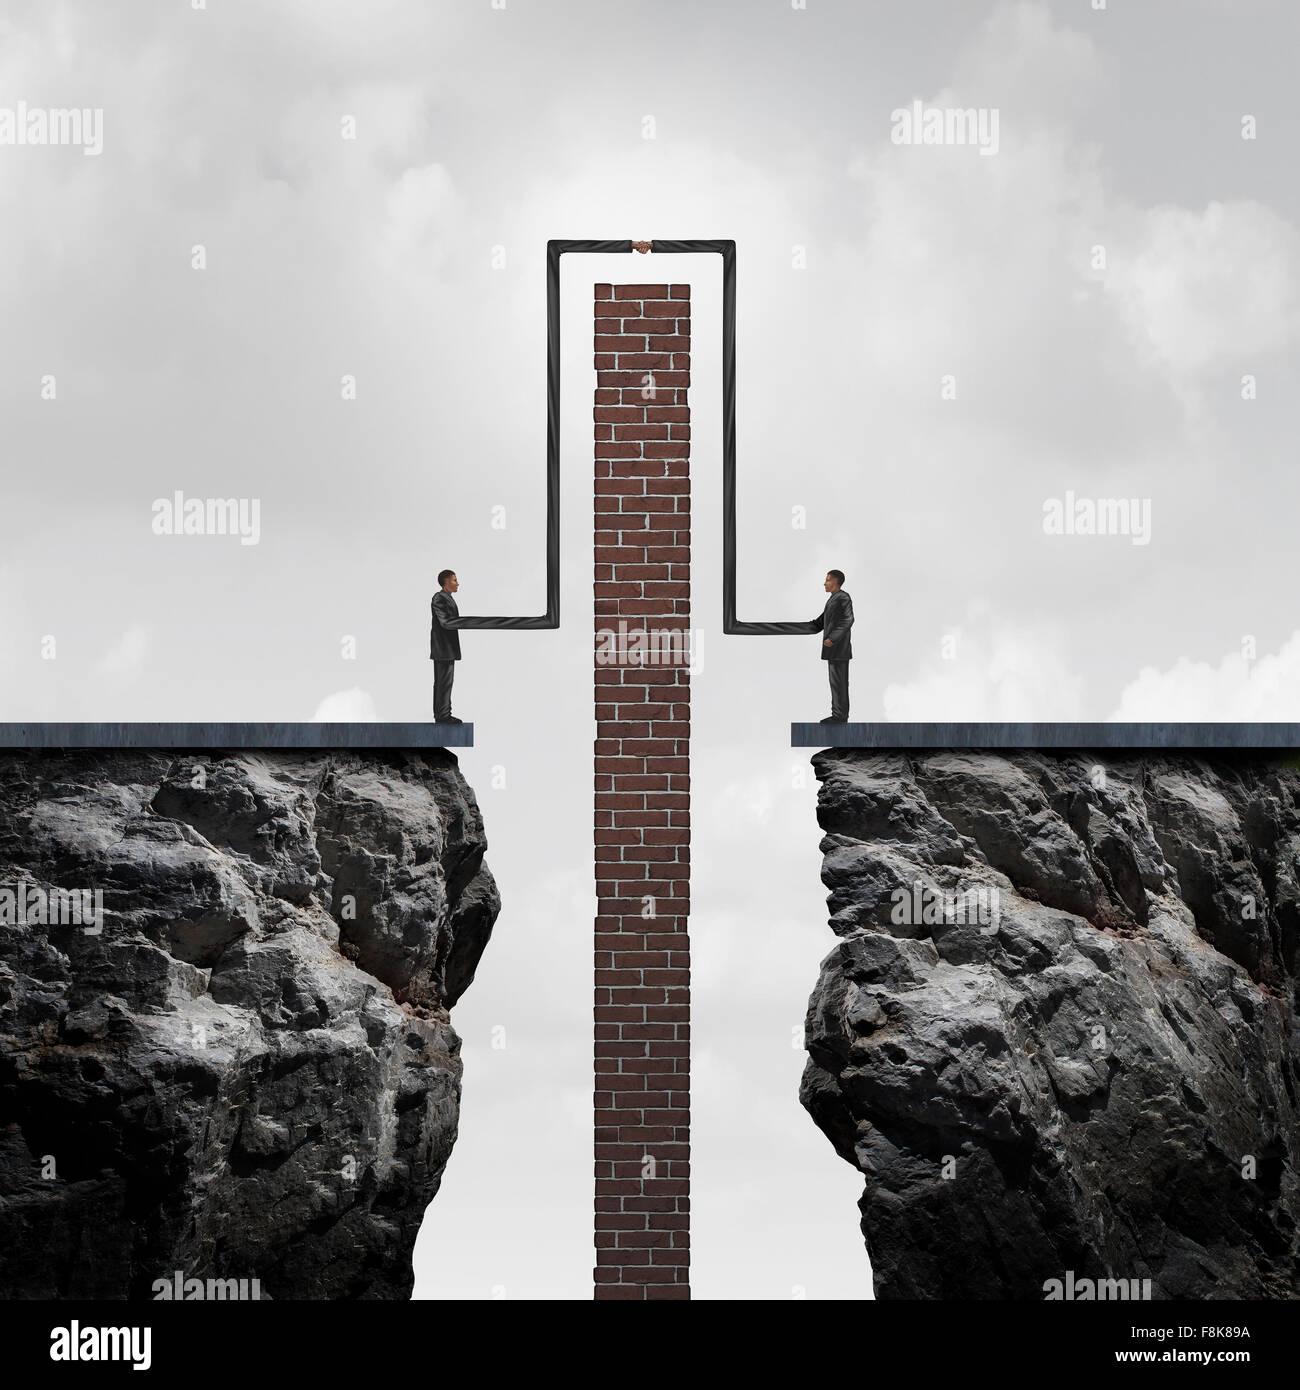 Machen eine Menge überwinden von Hindernissen zu einer Einigung als ein betriebswirtschaftliches Konzept der Stockbild